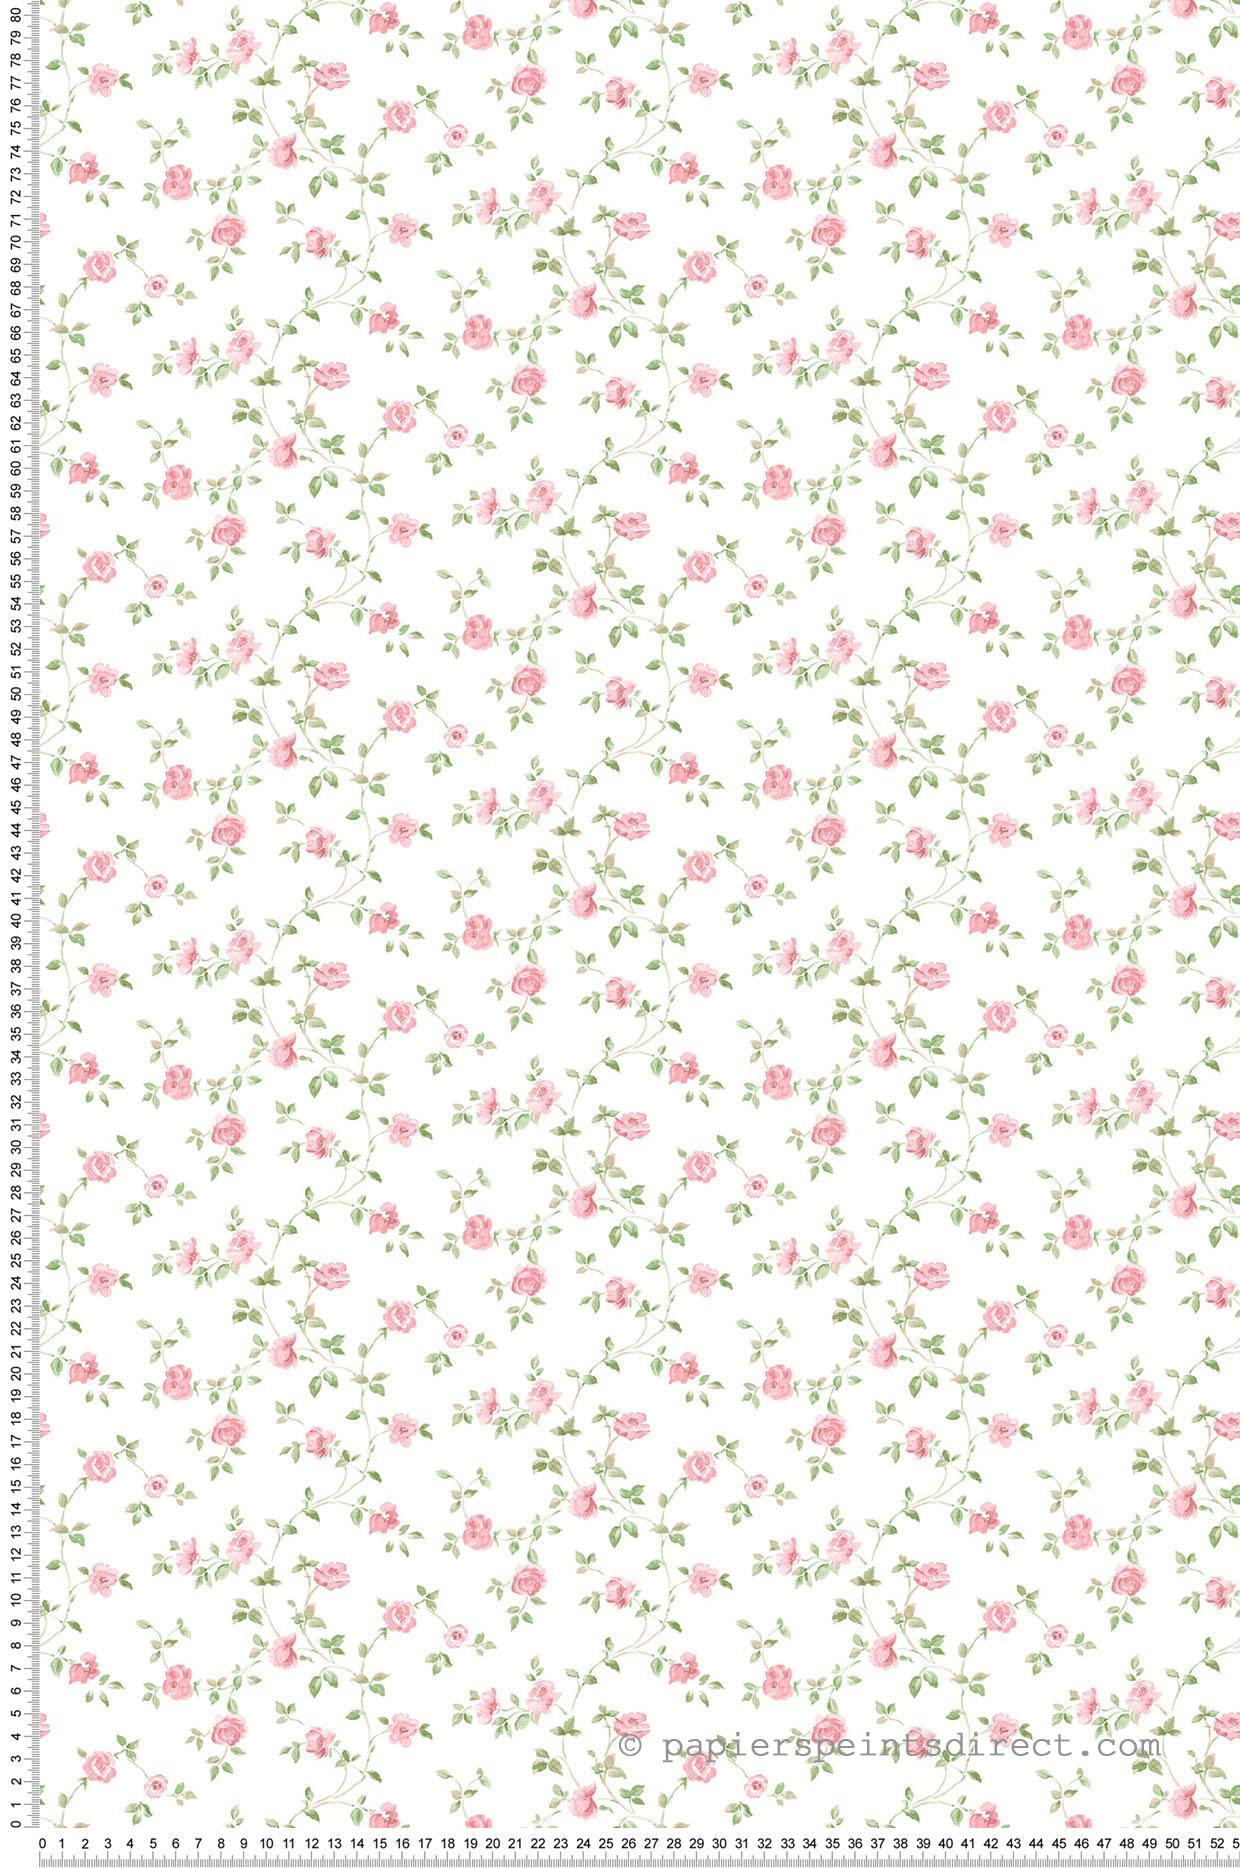 Papier peint fleurs Rosier Grimpant vert/rose - Miniatures de Lutèce | Réf. LTC-G67889